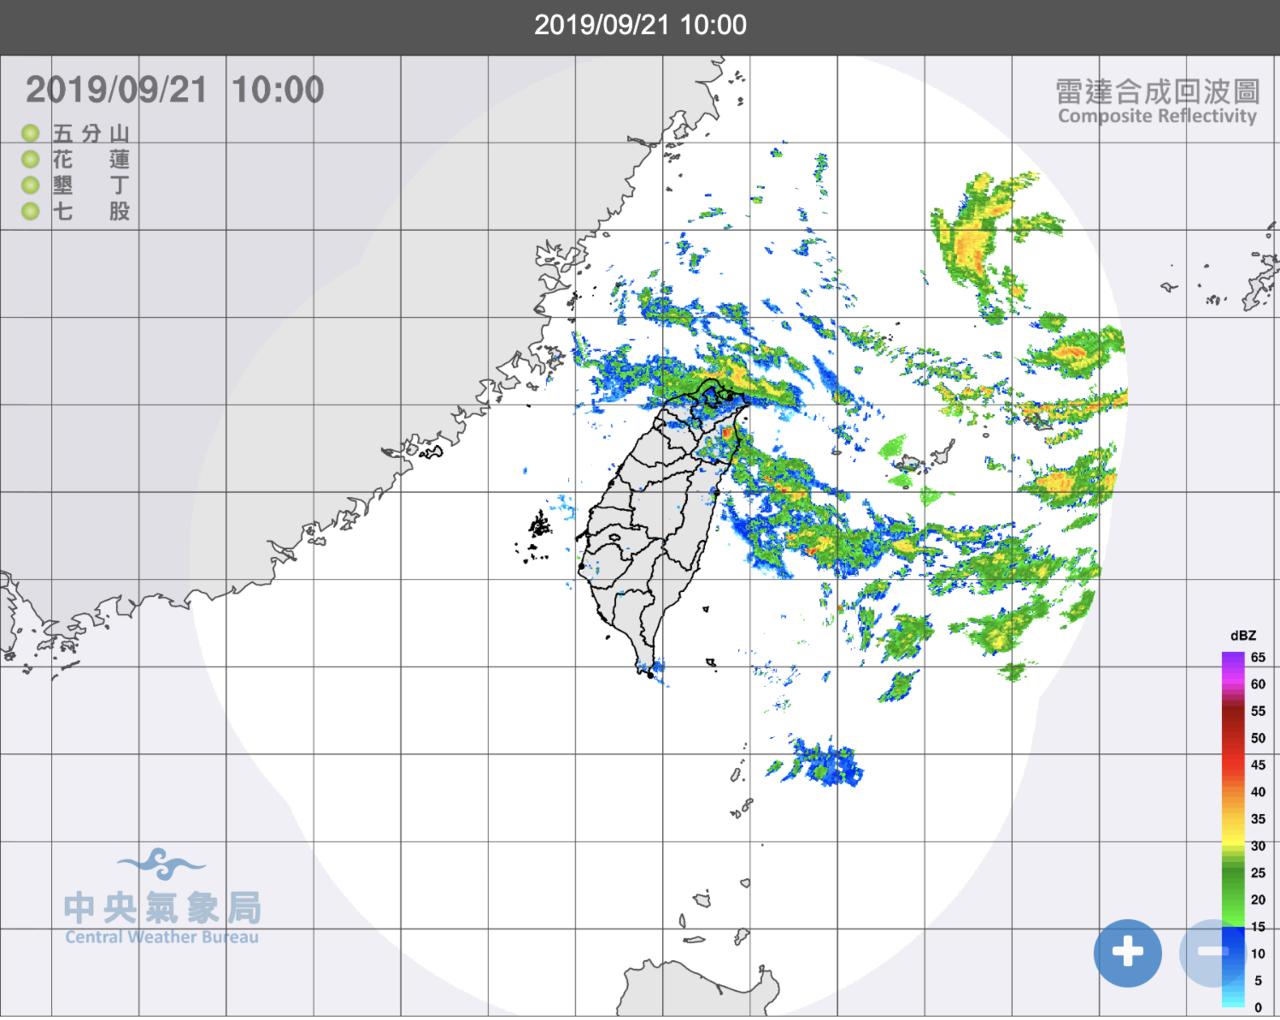 受颱風外圍環流影響,各地天氣不穩。圖/氣象局提供